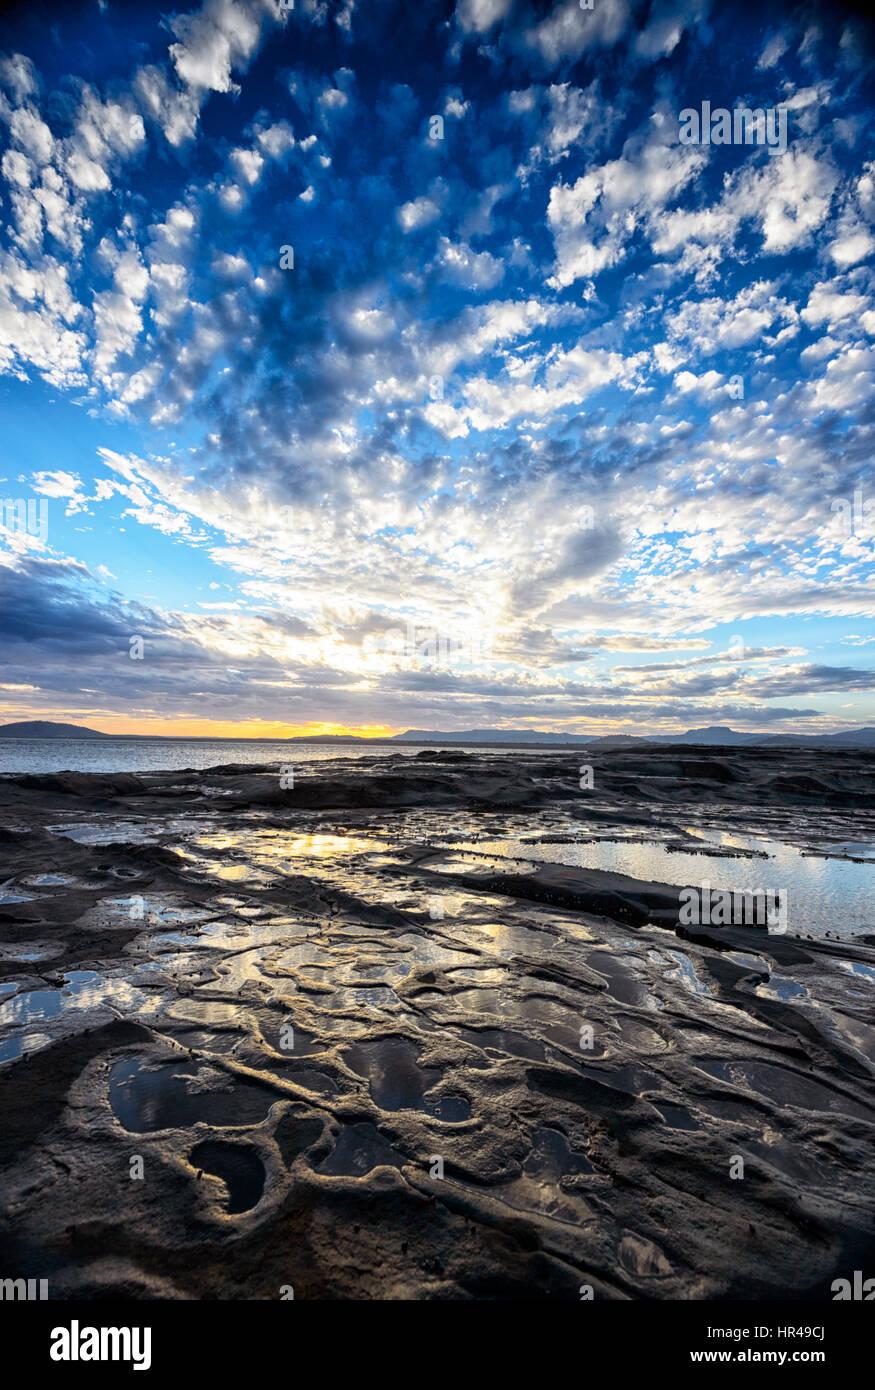 Spettacolare cielo sgombro al tramonto a Gerroa, Nuovo Galles del Sud, Australia Immagini Stock